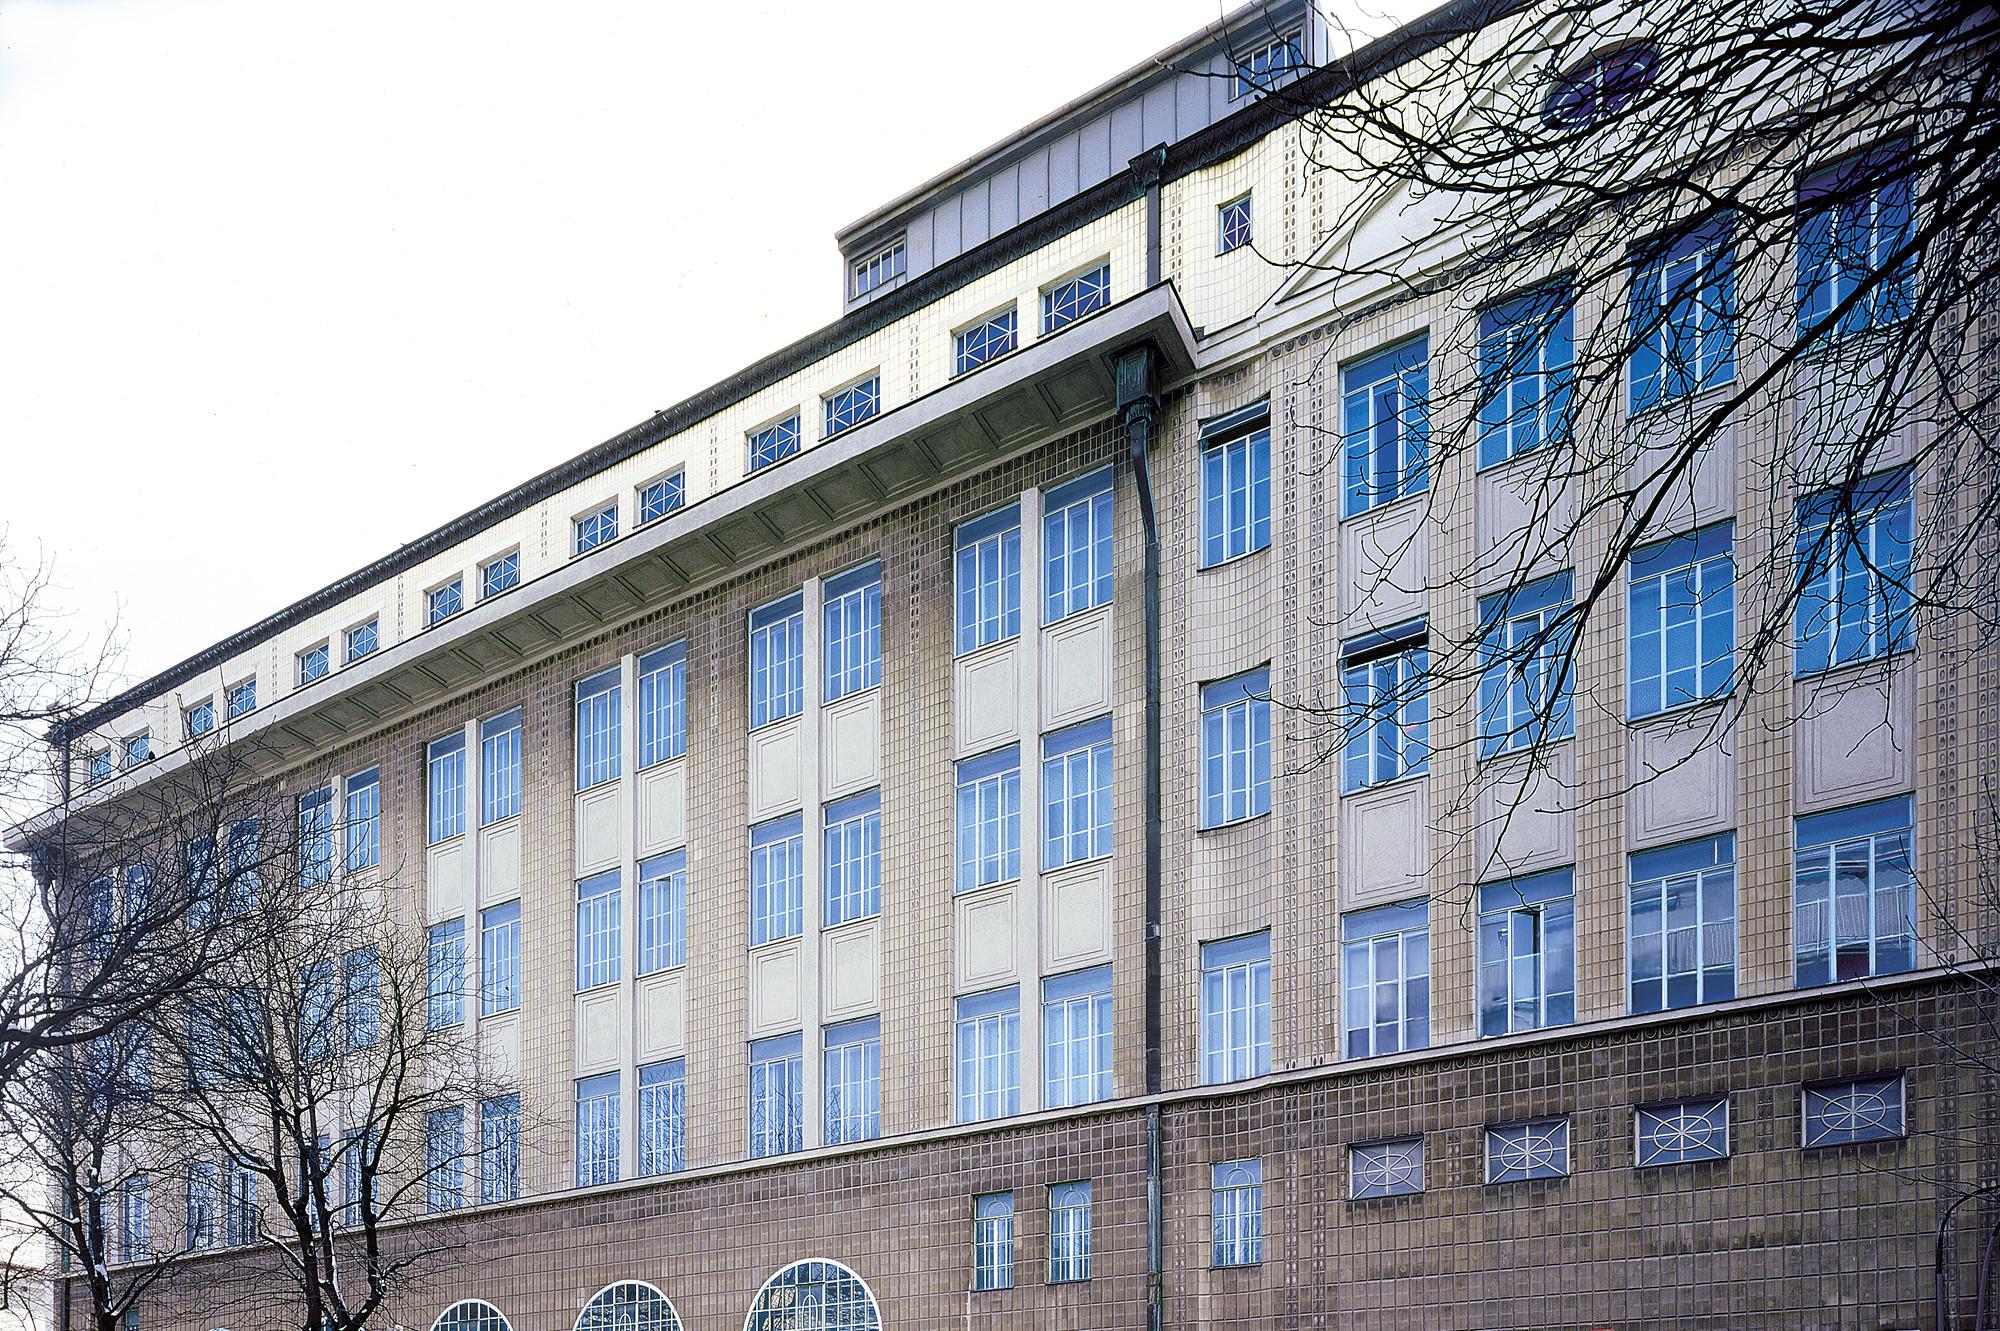 sysis_01_umbau_buerogebaeude_1160_wien_junger_beer_architektur